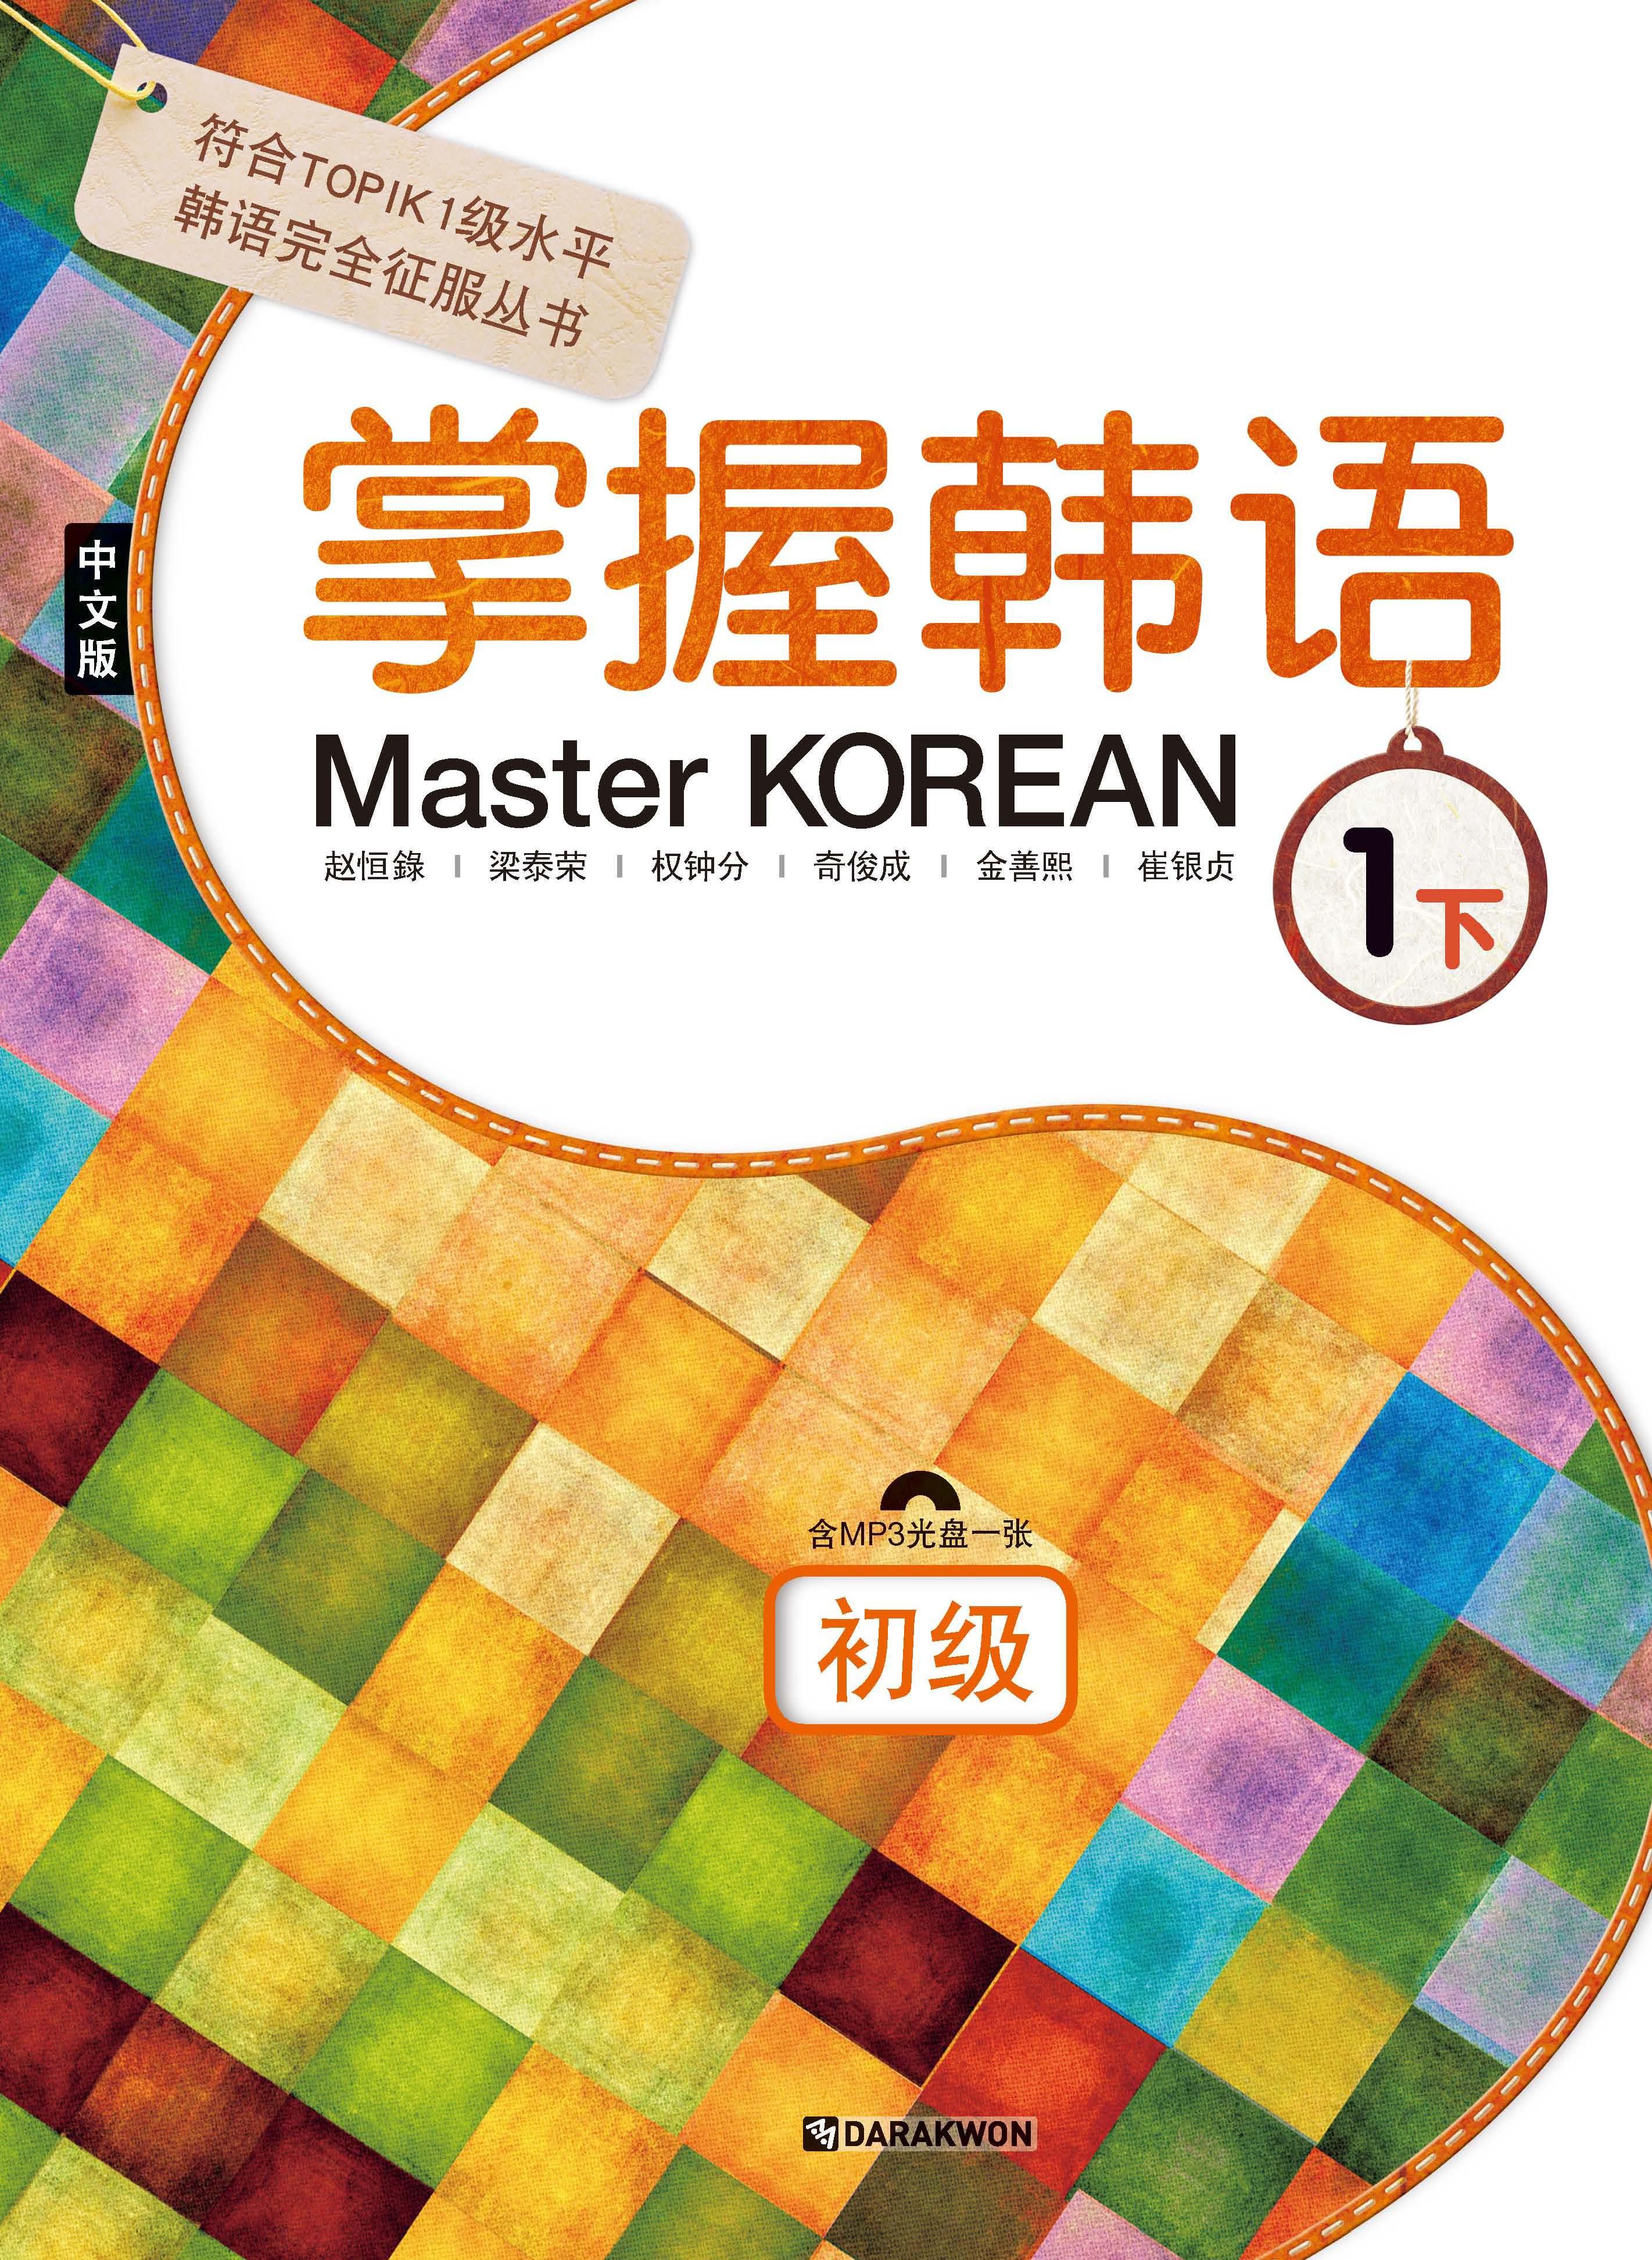 [Master KOREAN] Master KOREAN 1 下 초급|掌握韓語 : 中文版